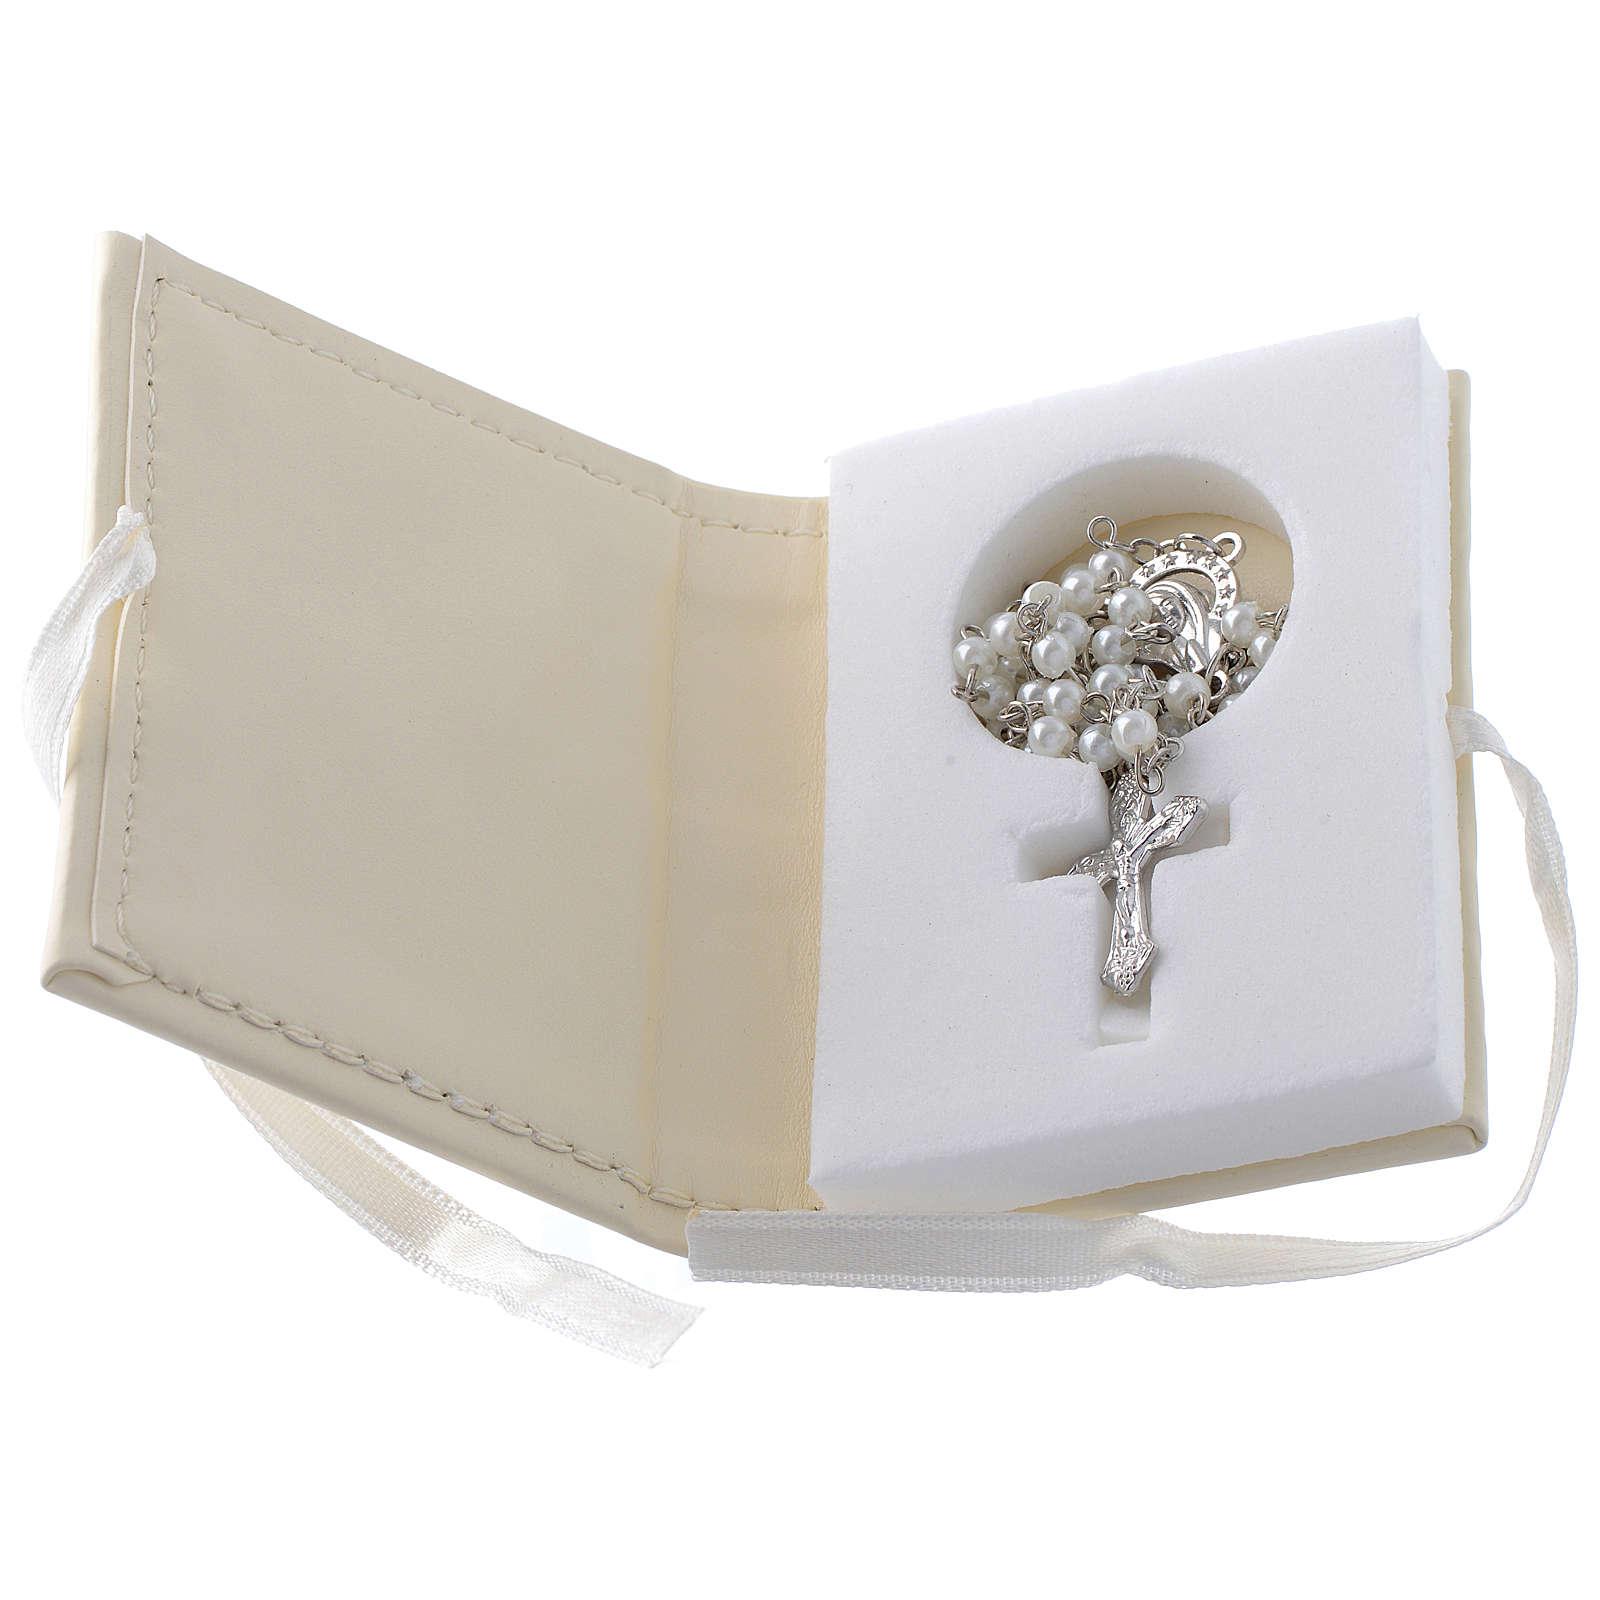 Caixinha terço Batismo imitação couro e imagem bilaminado prata 3